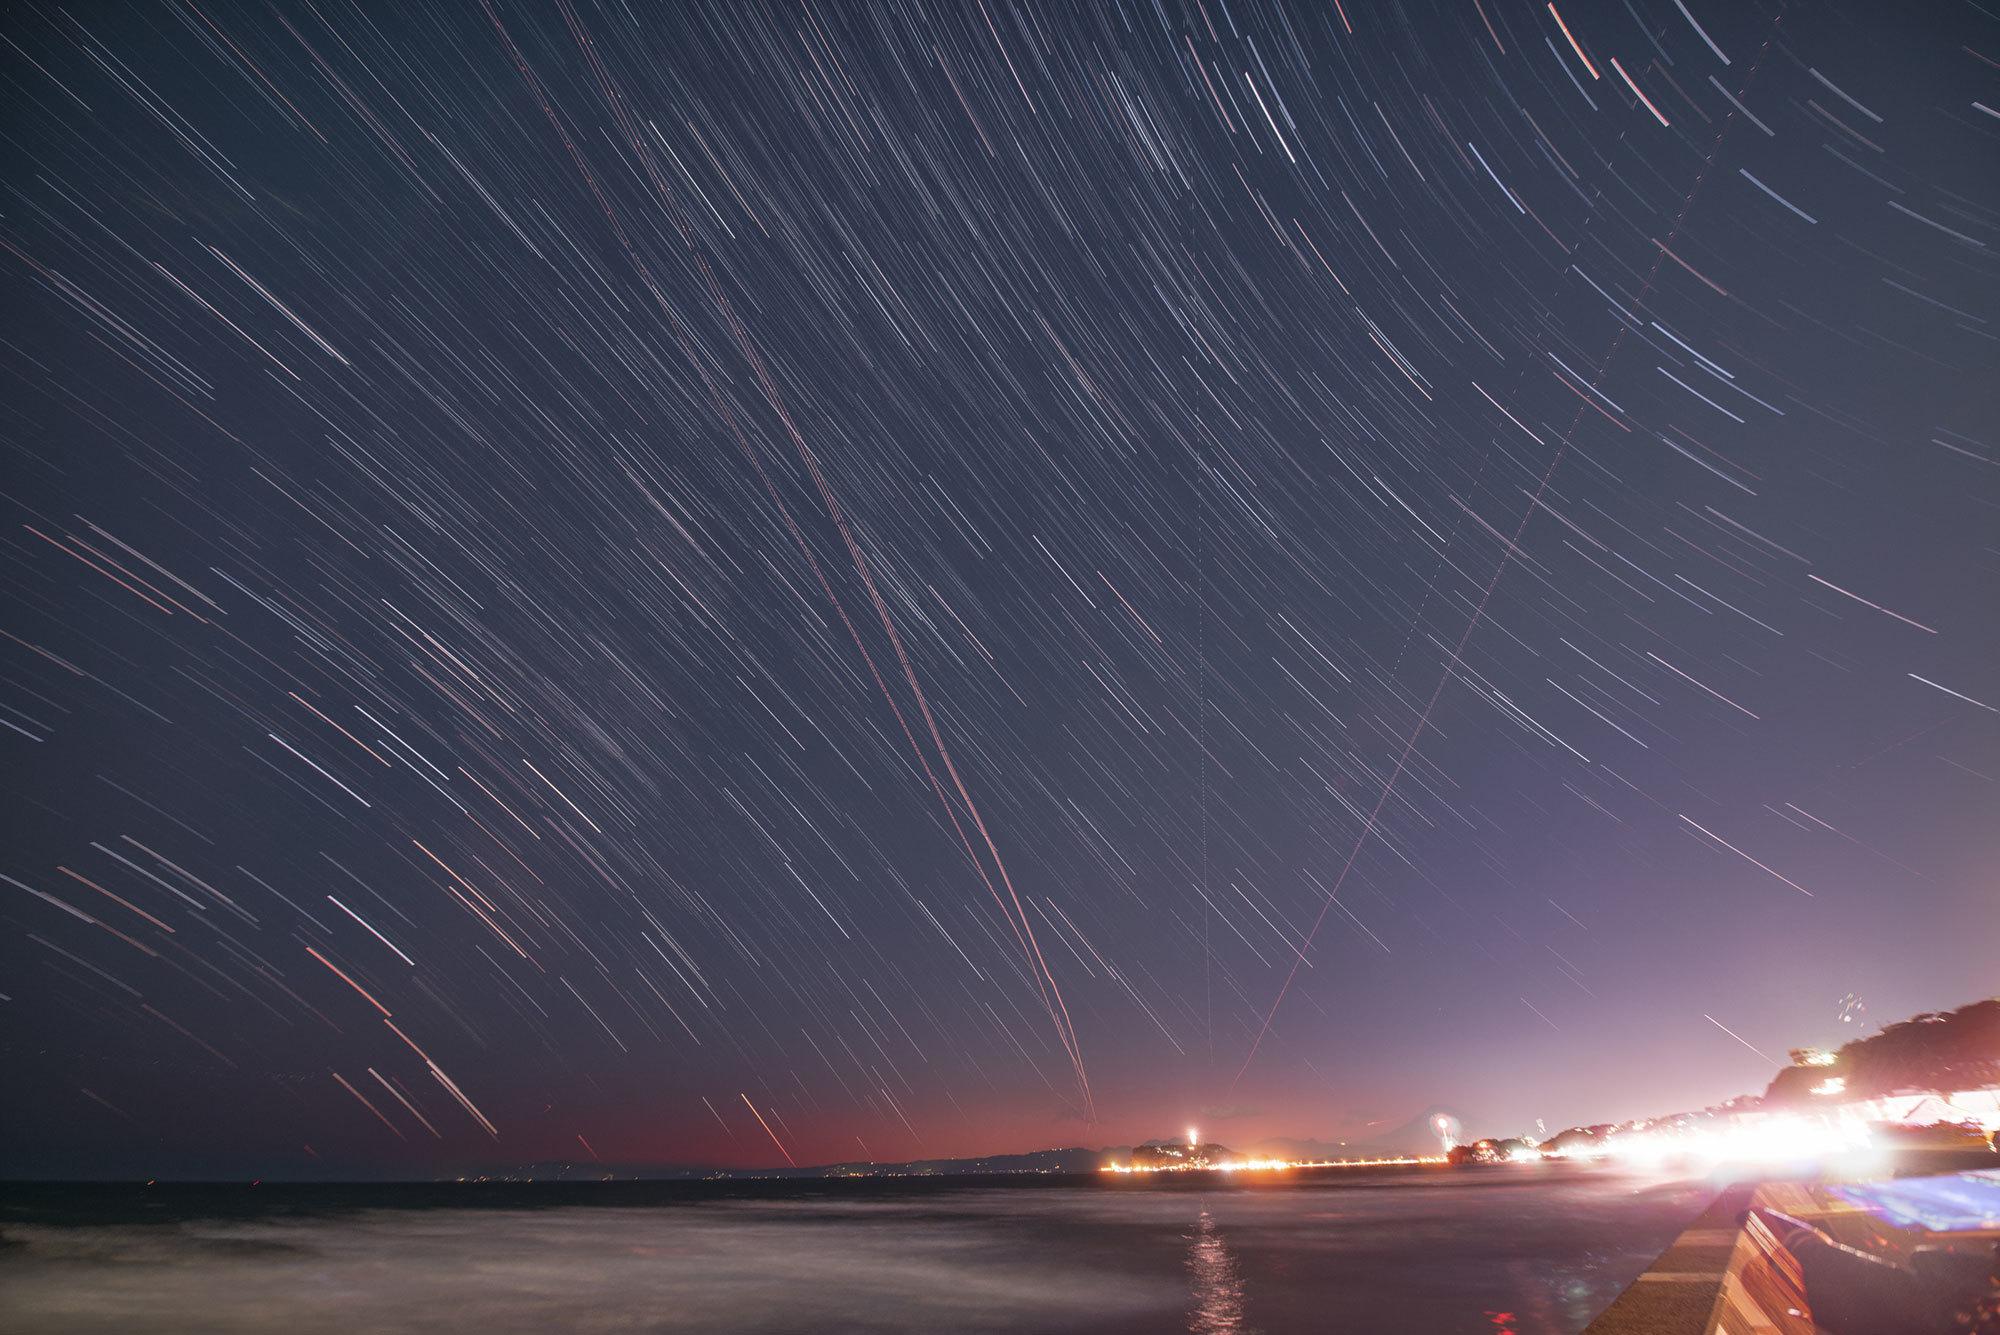 使用記〜StarsPhoto、初めて鎌倉七里ガ浜で使う_b0400557_15472734.jpg